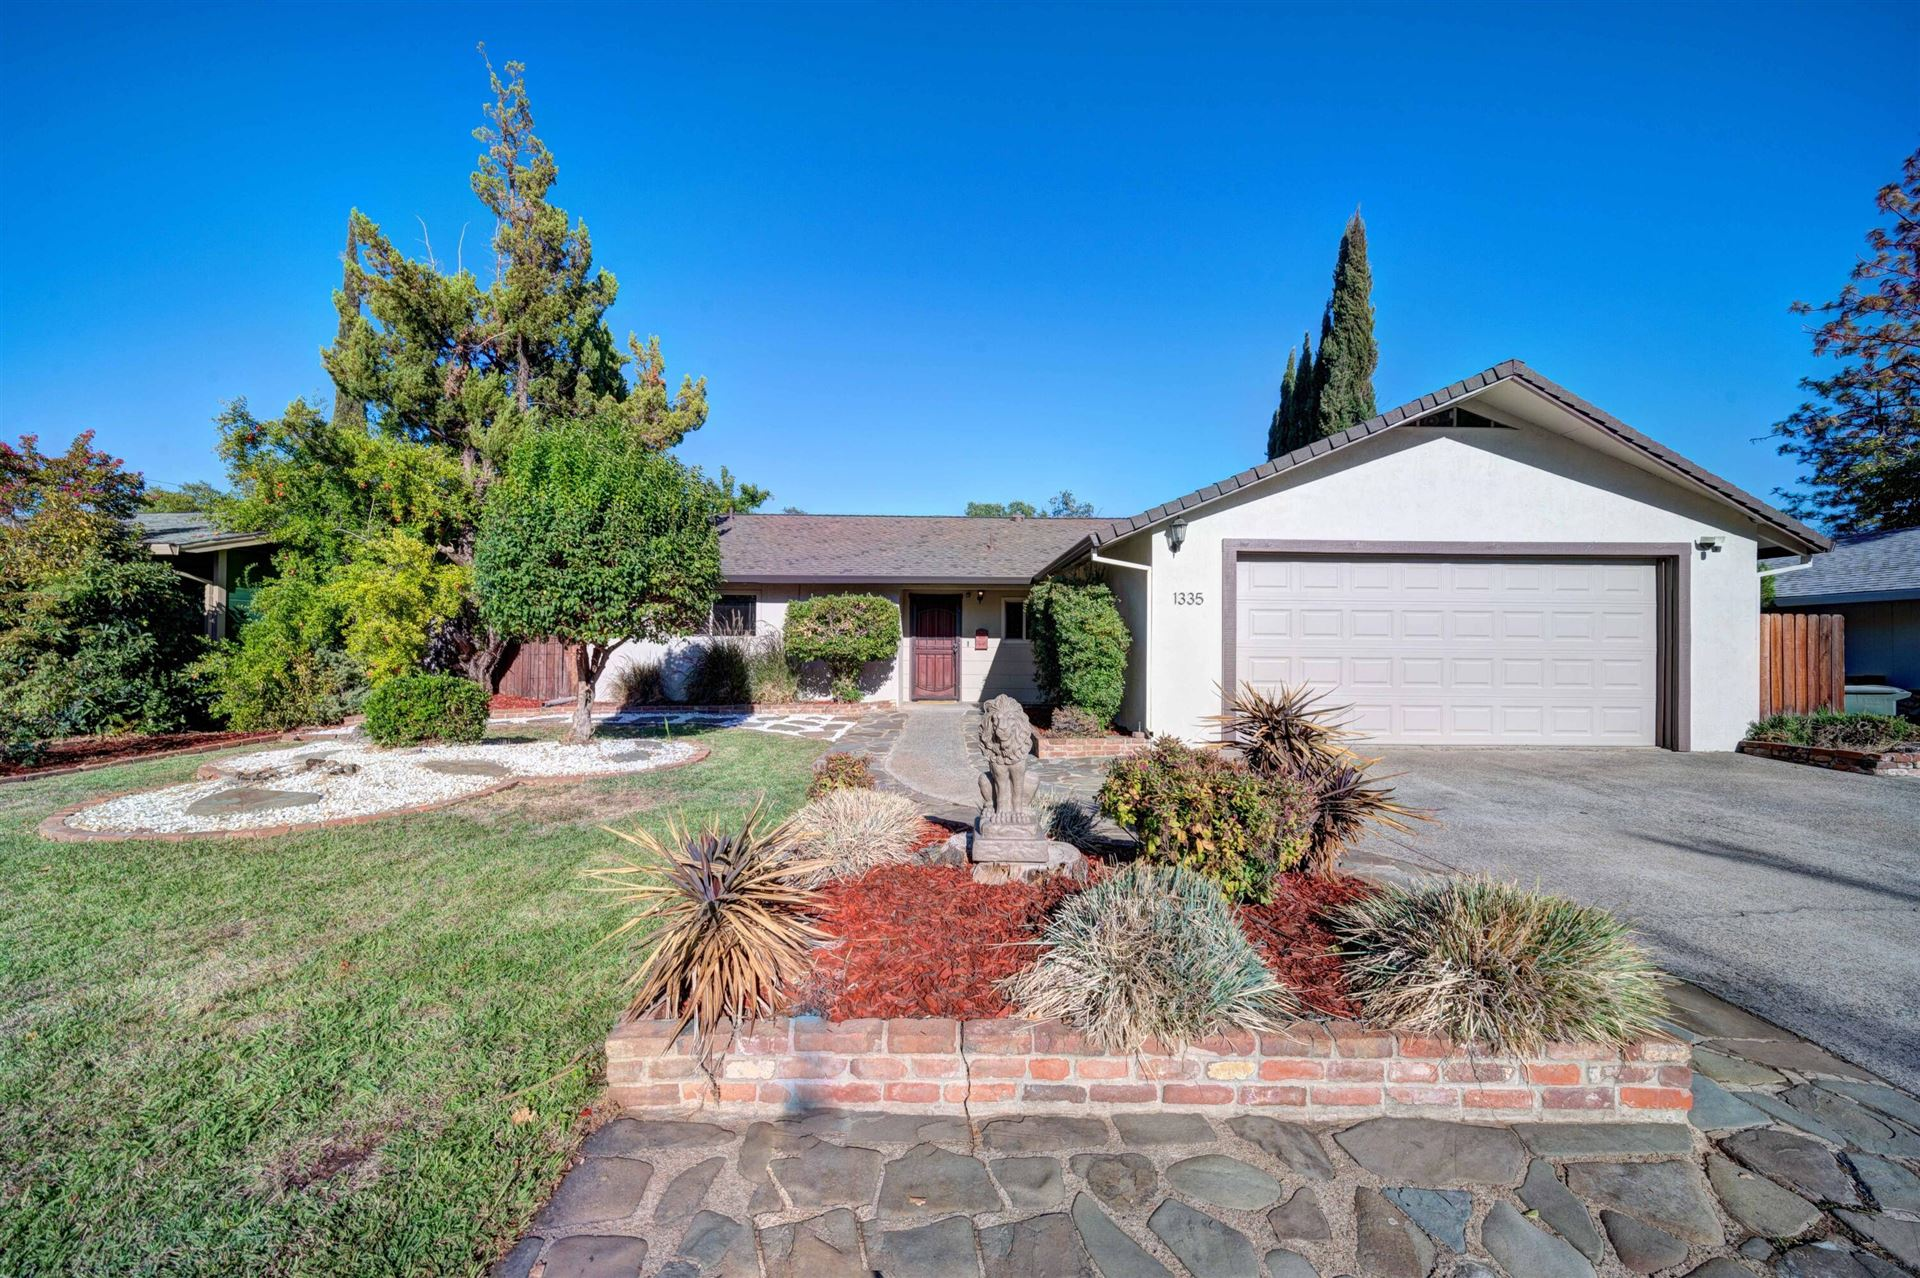 Photo of 1335 Pleasant St, Redding, CA 96001 (MLS # 21-4657)